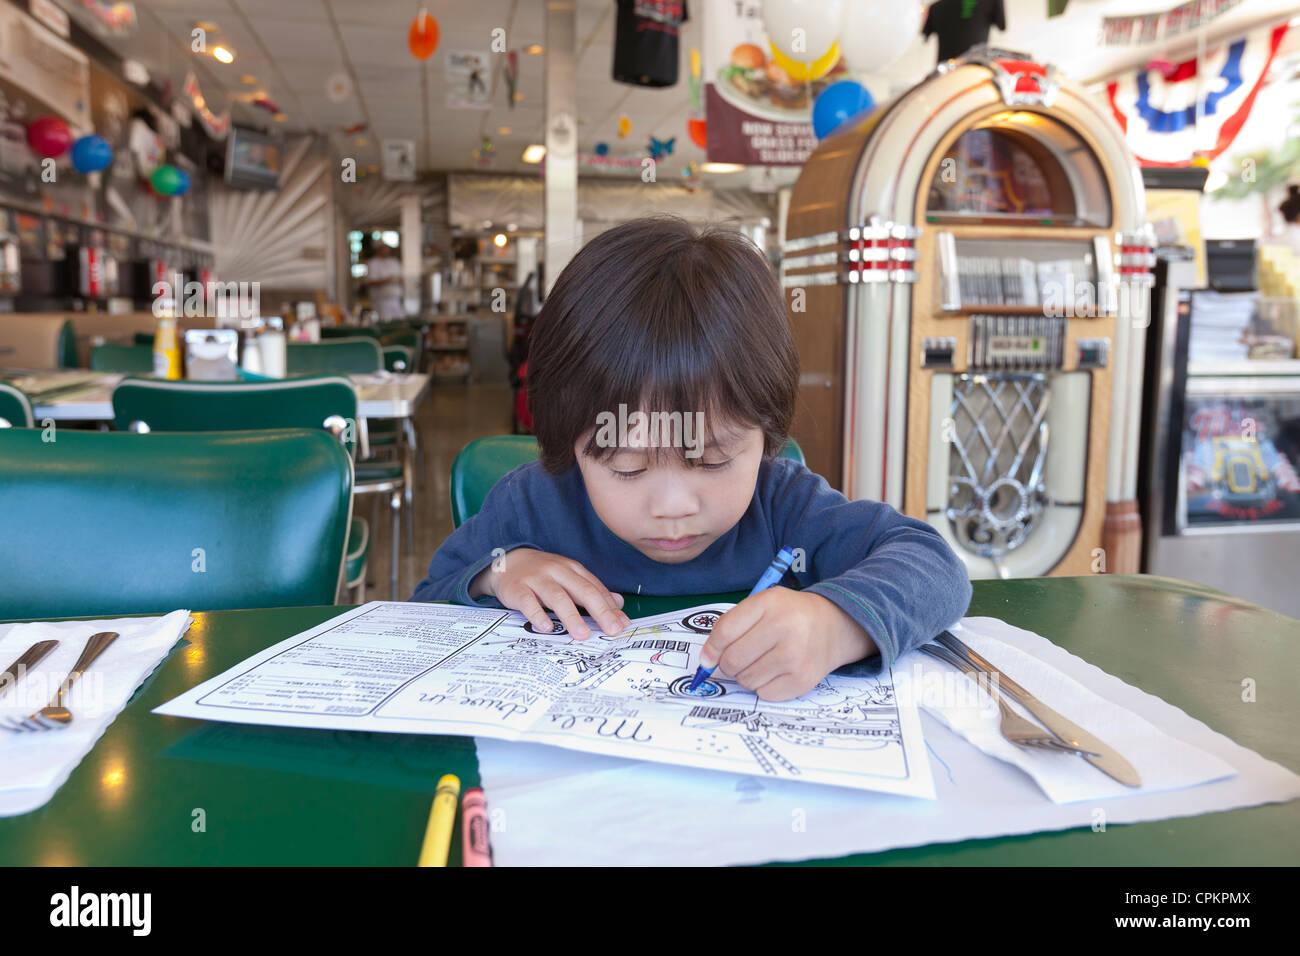 Un jeune garçon asiatique en coloriant un menu enfants's Diner Photo Stock